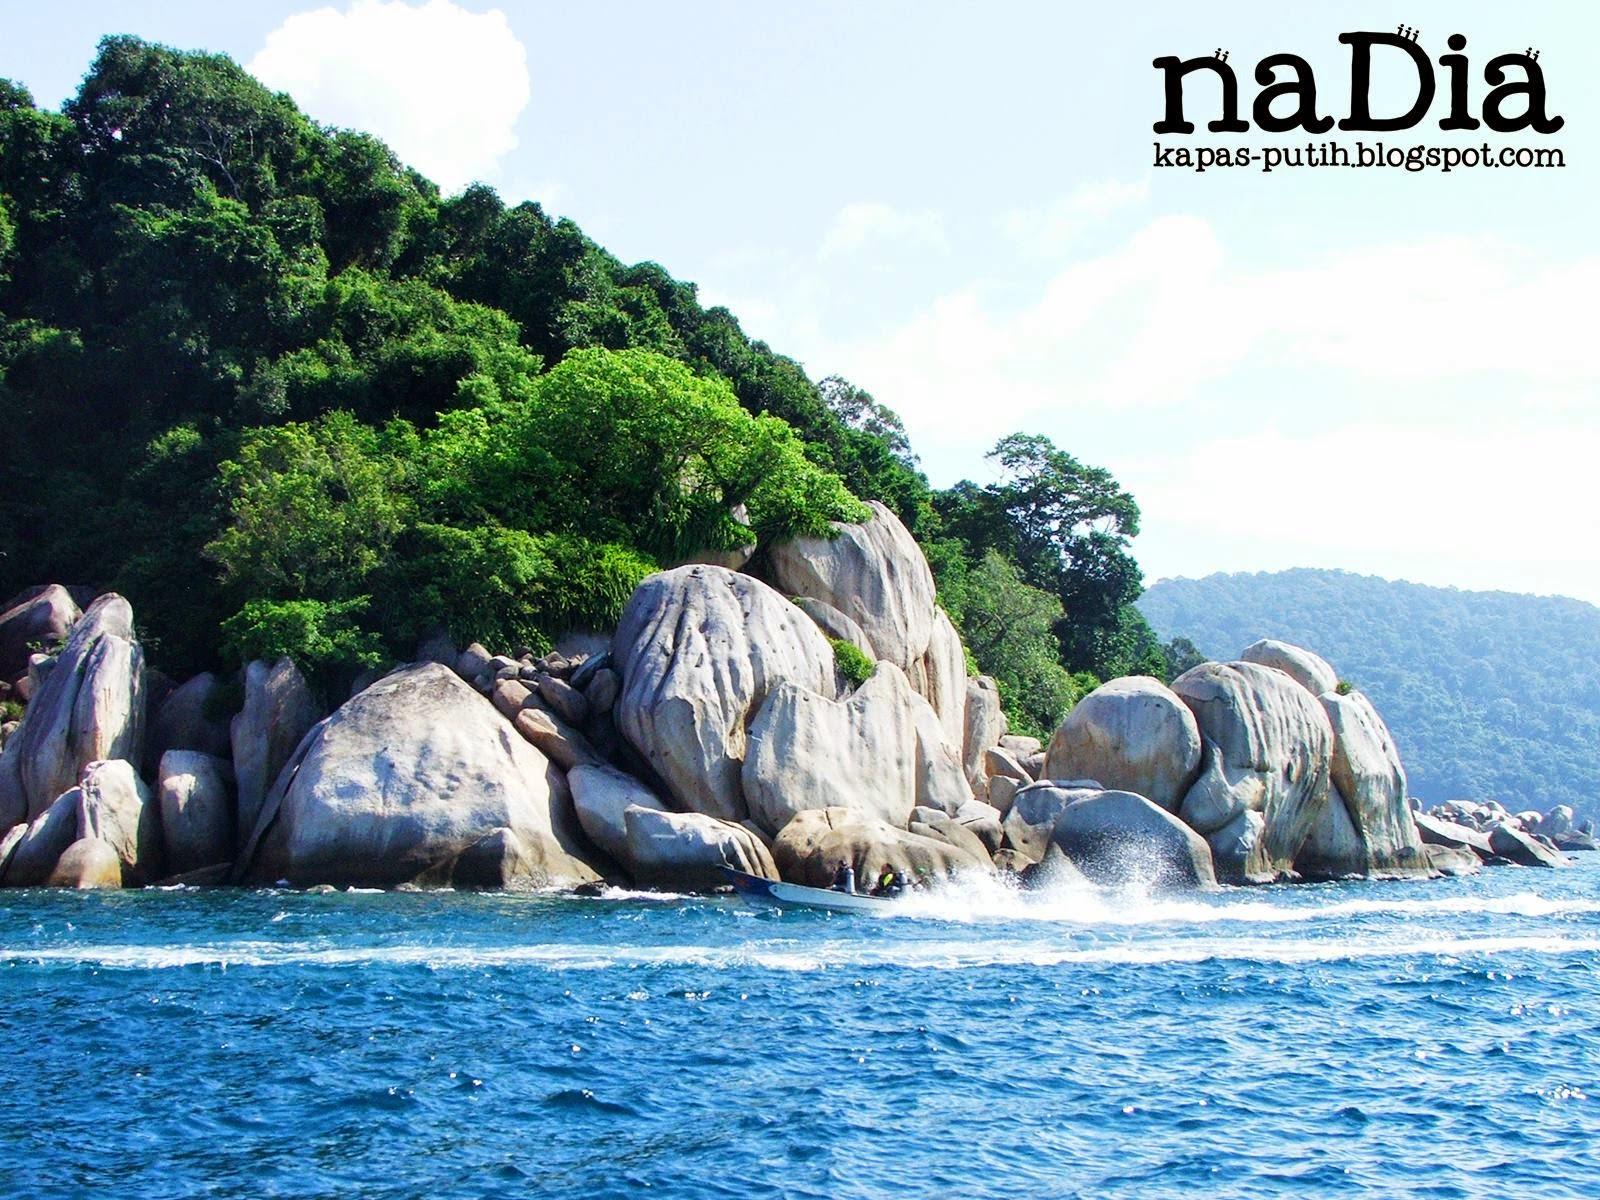 Flora Bay Resort, Pulau Perhentian Besar, Terengganu